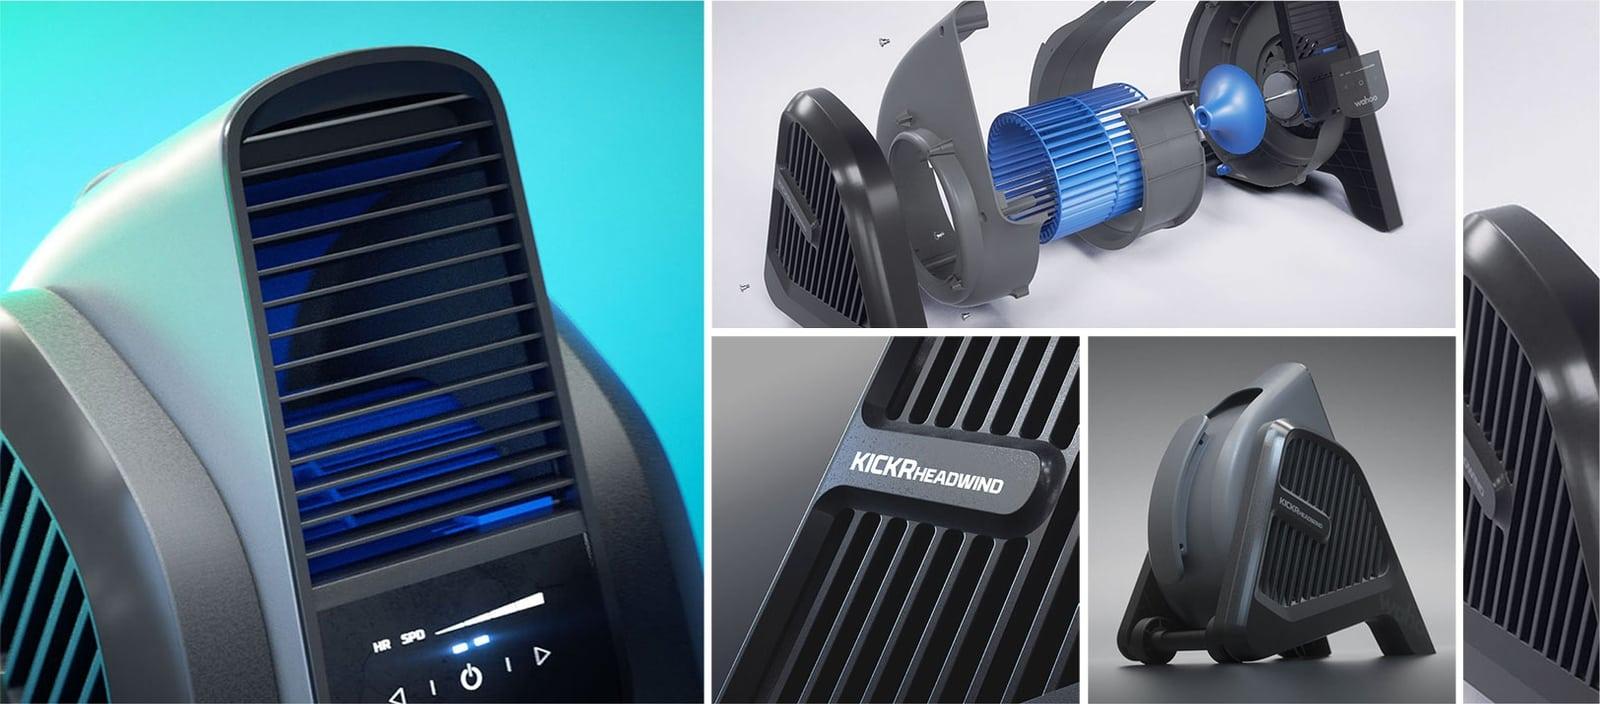 Headwind okosventilátor teszt –a ventilátor felépítése